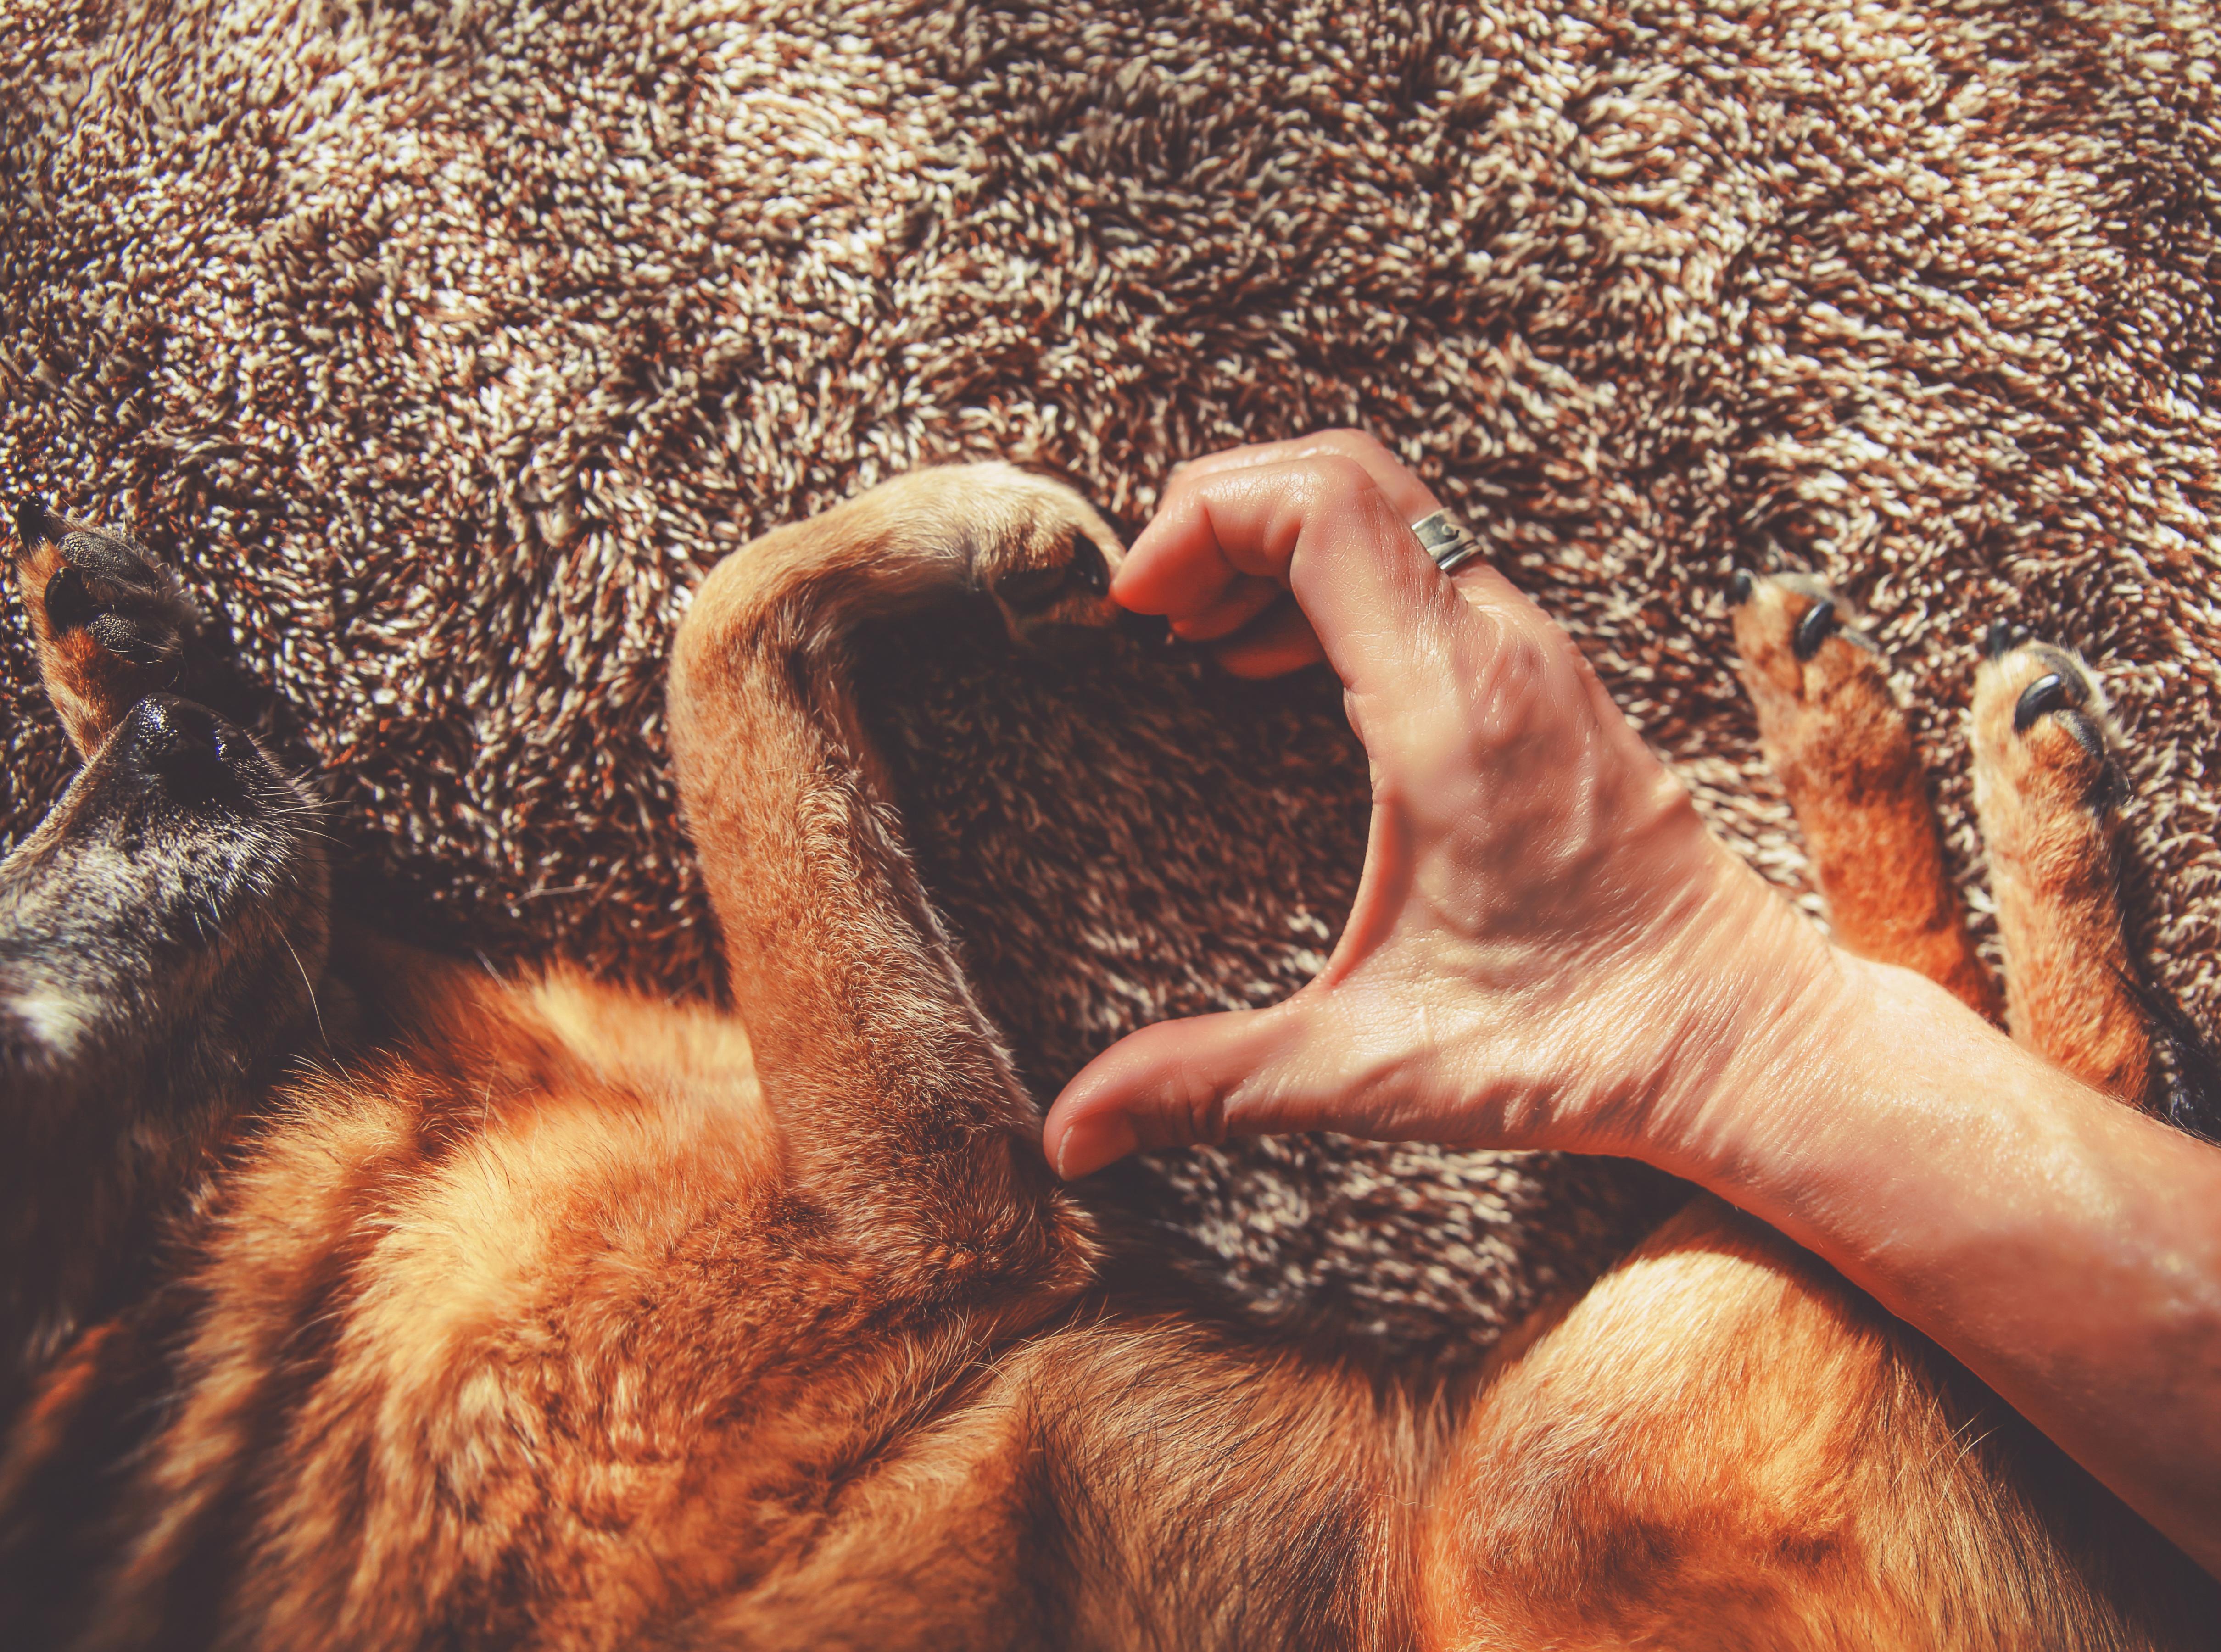 愛犬が大好きな飼い主にのみ行う6つの愛情表現